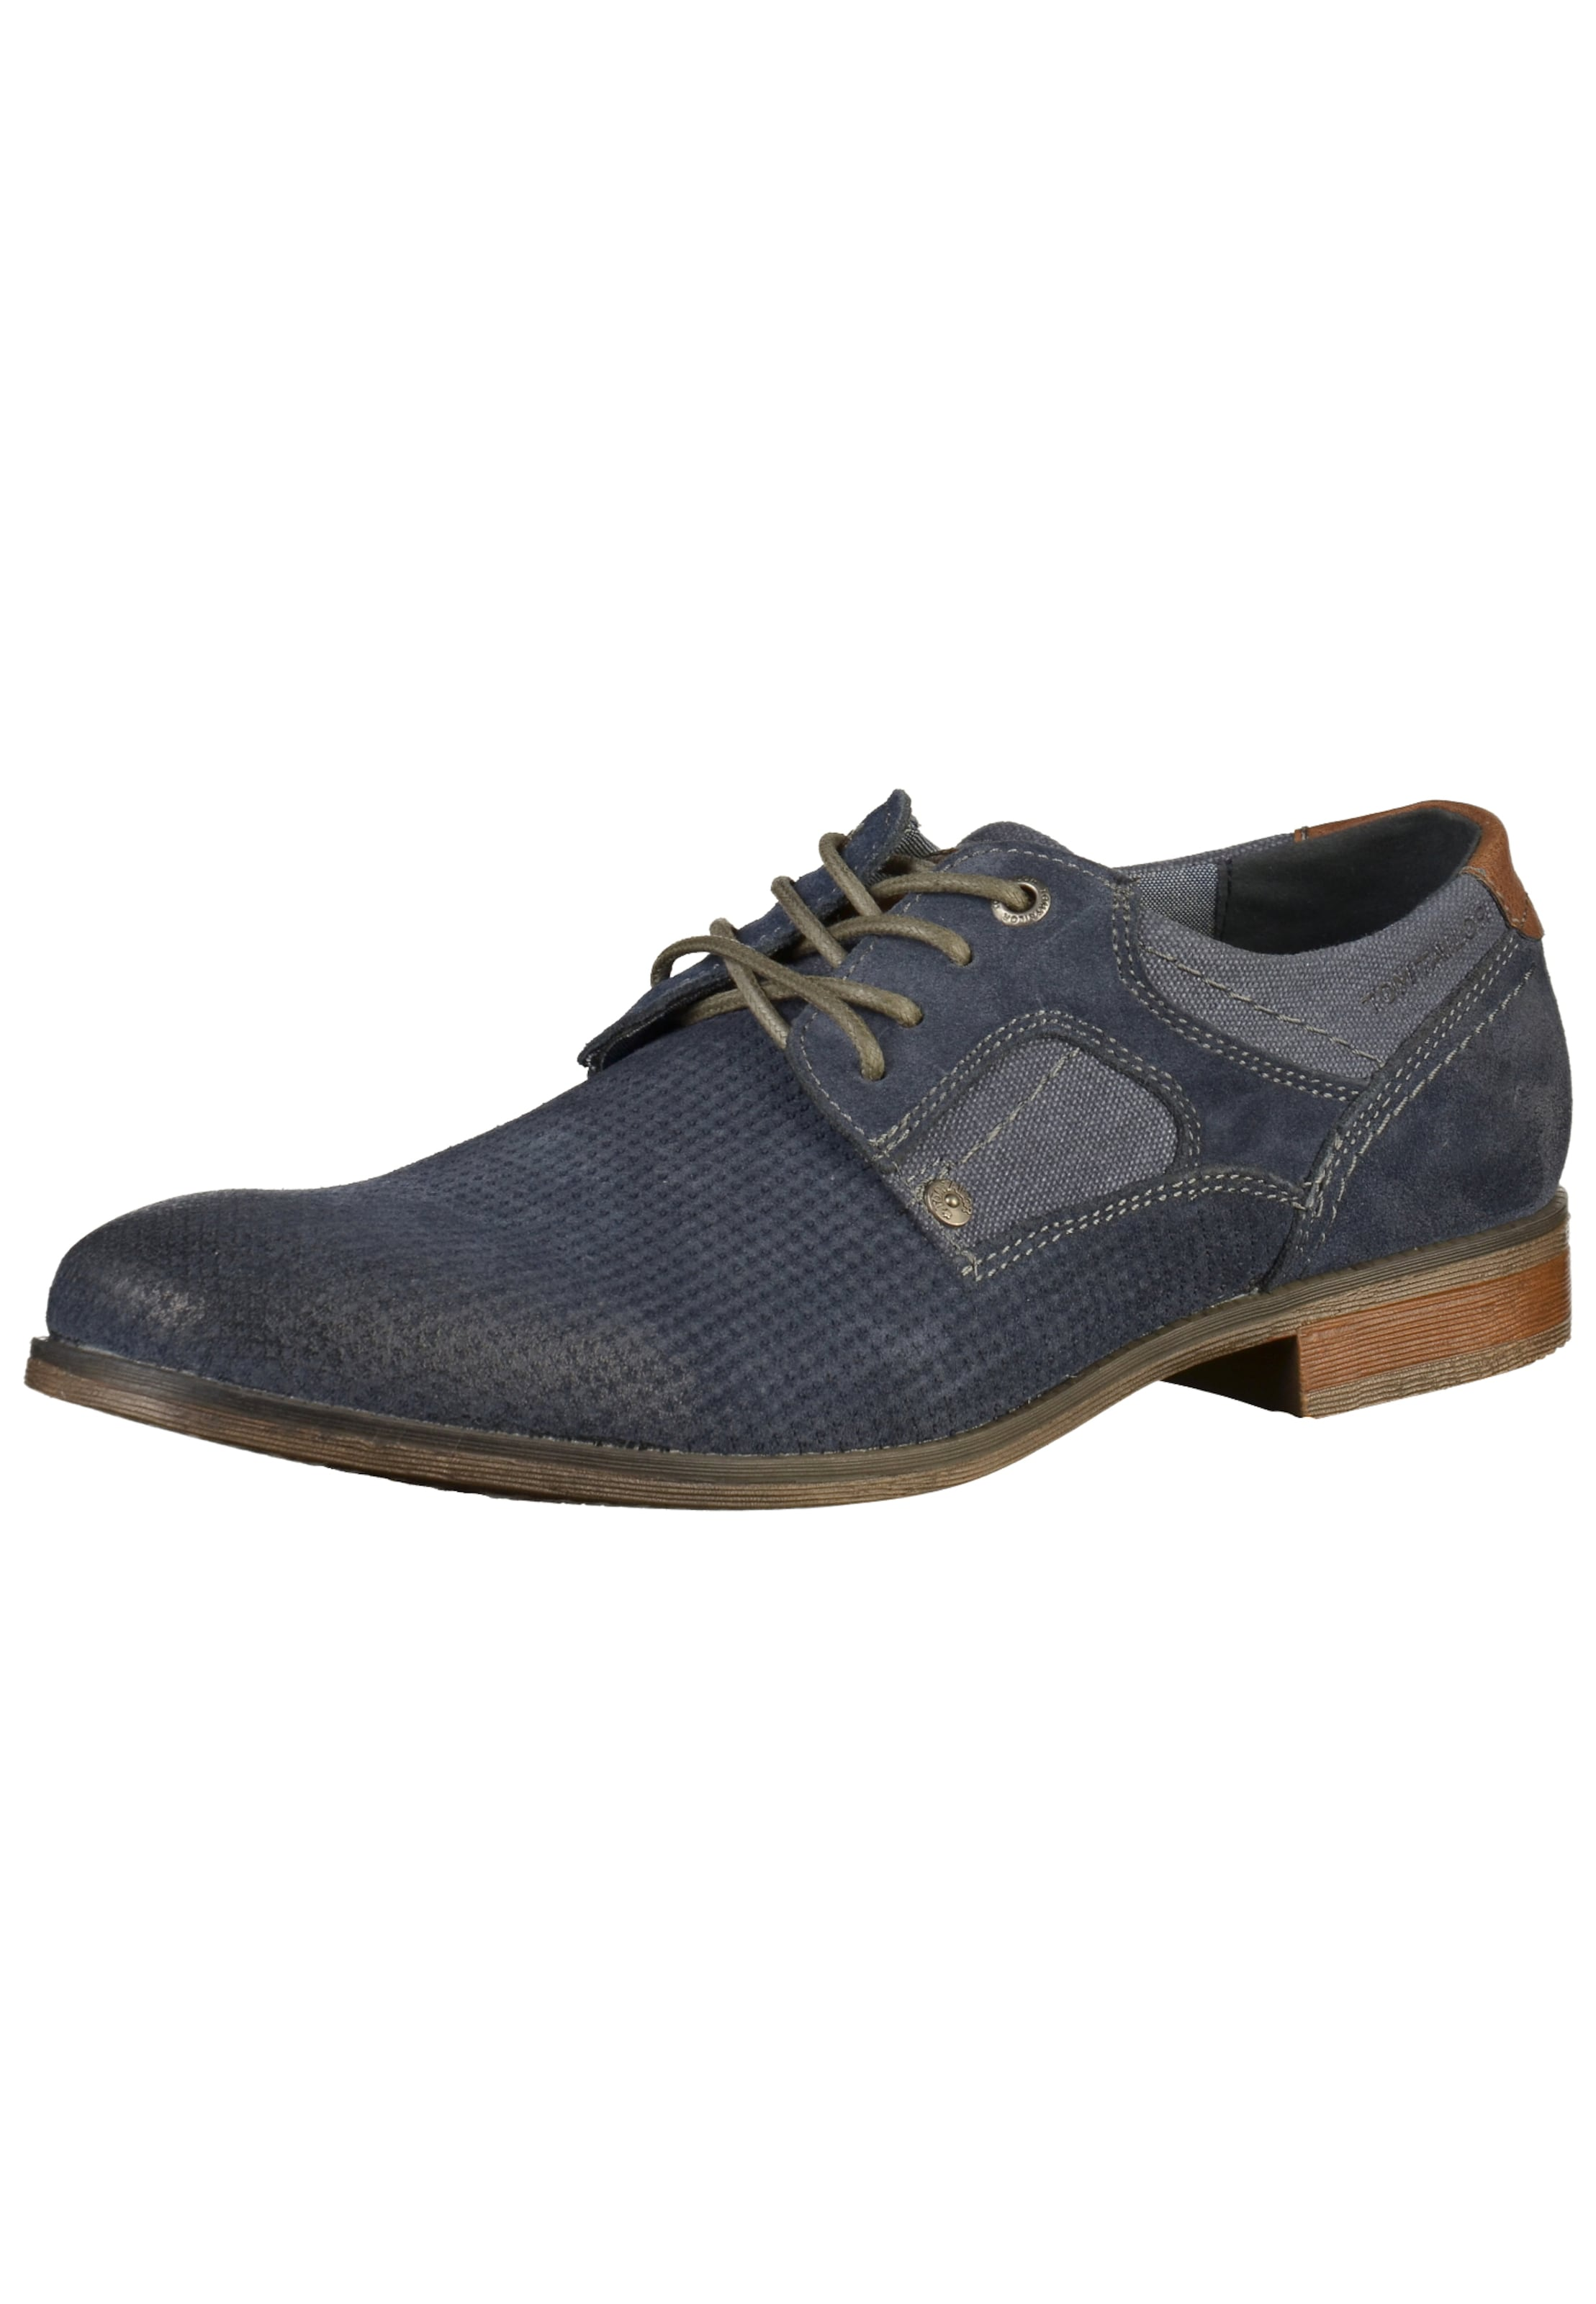 TOM TAILOR Businessschuhe Verschleißfeste billige Schuhe